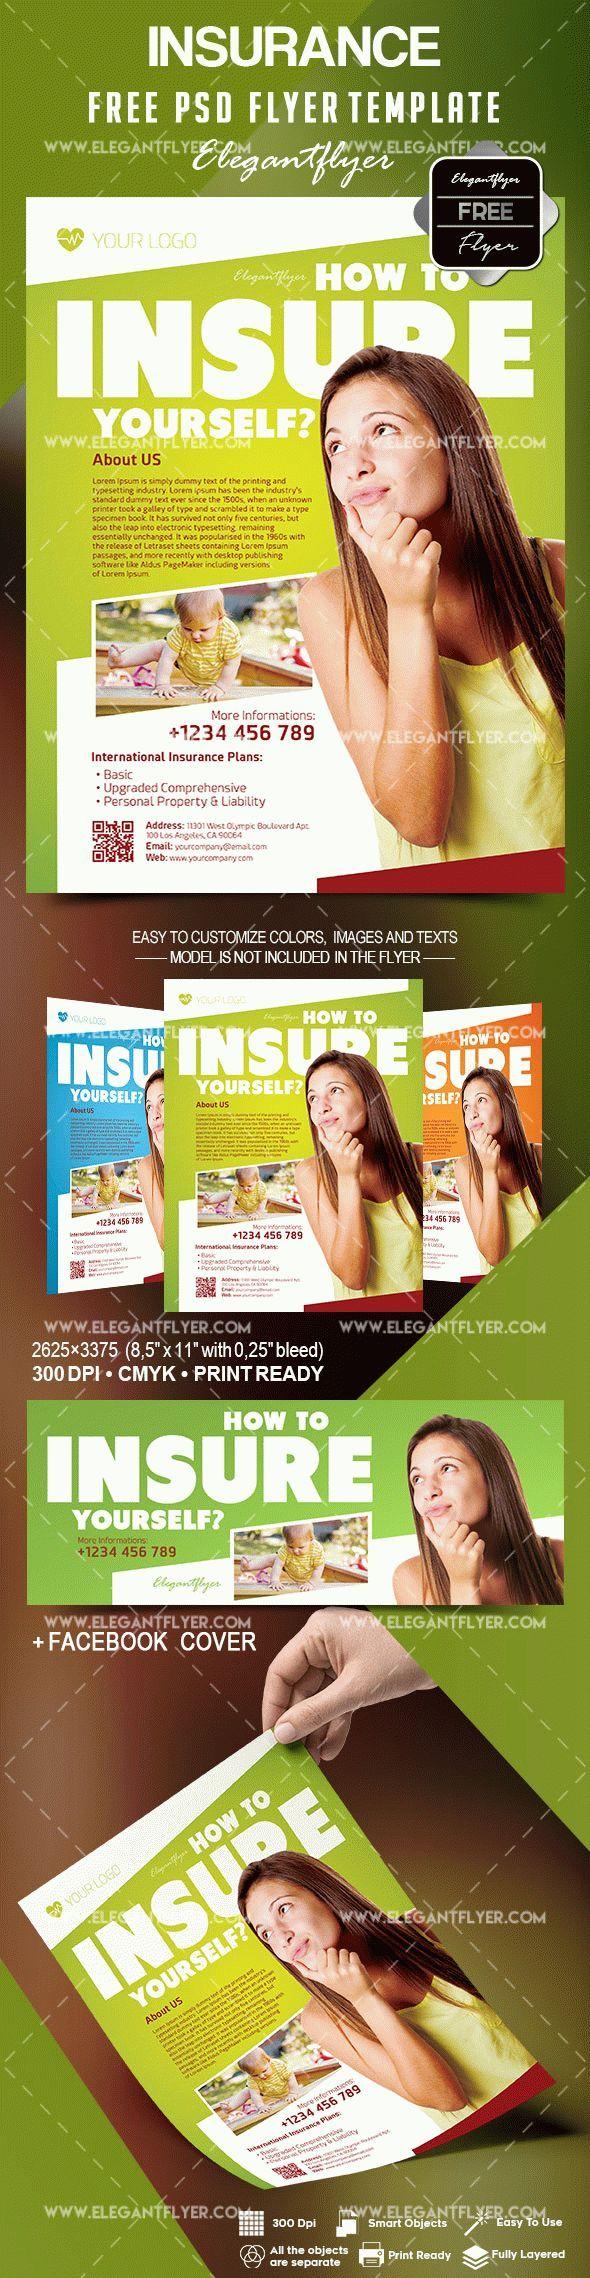 https://www.elegantflyer.com/free-flyers/free-insurance-flyer-template/